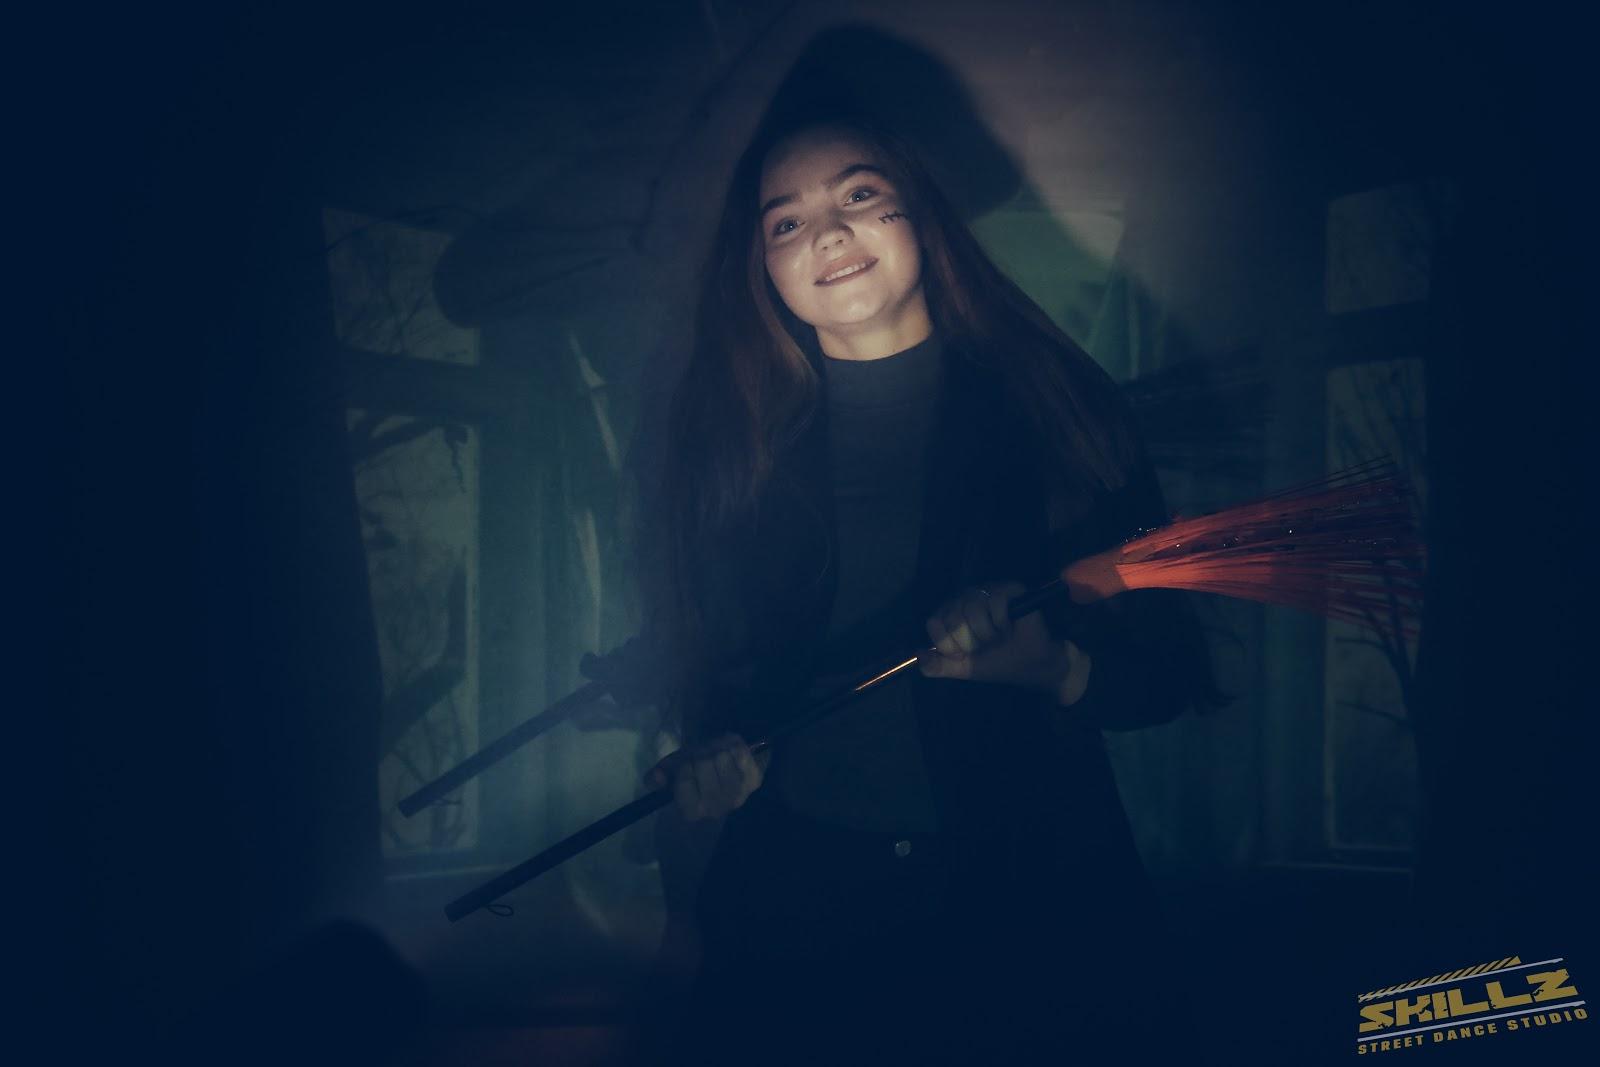 Naujikų krikštynos @SKILLZ (Halloween tema) - PANA1848.jpg